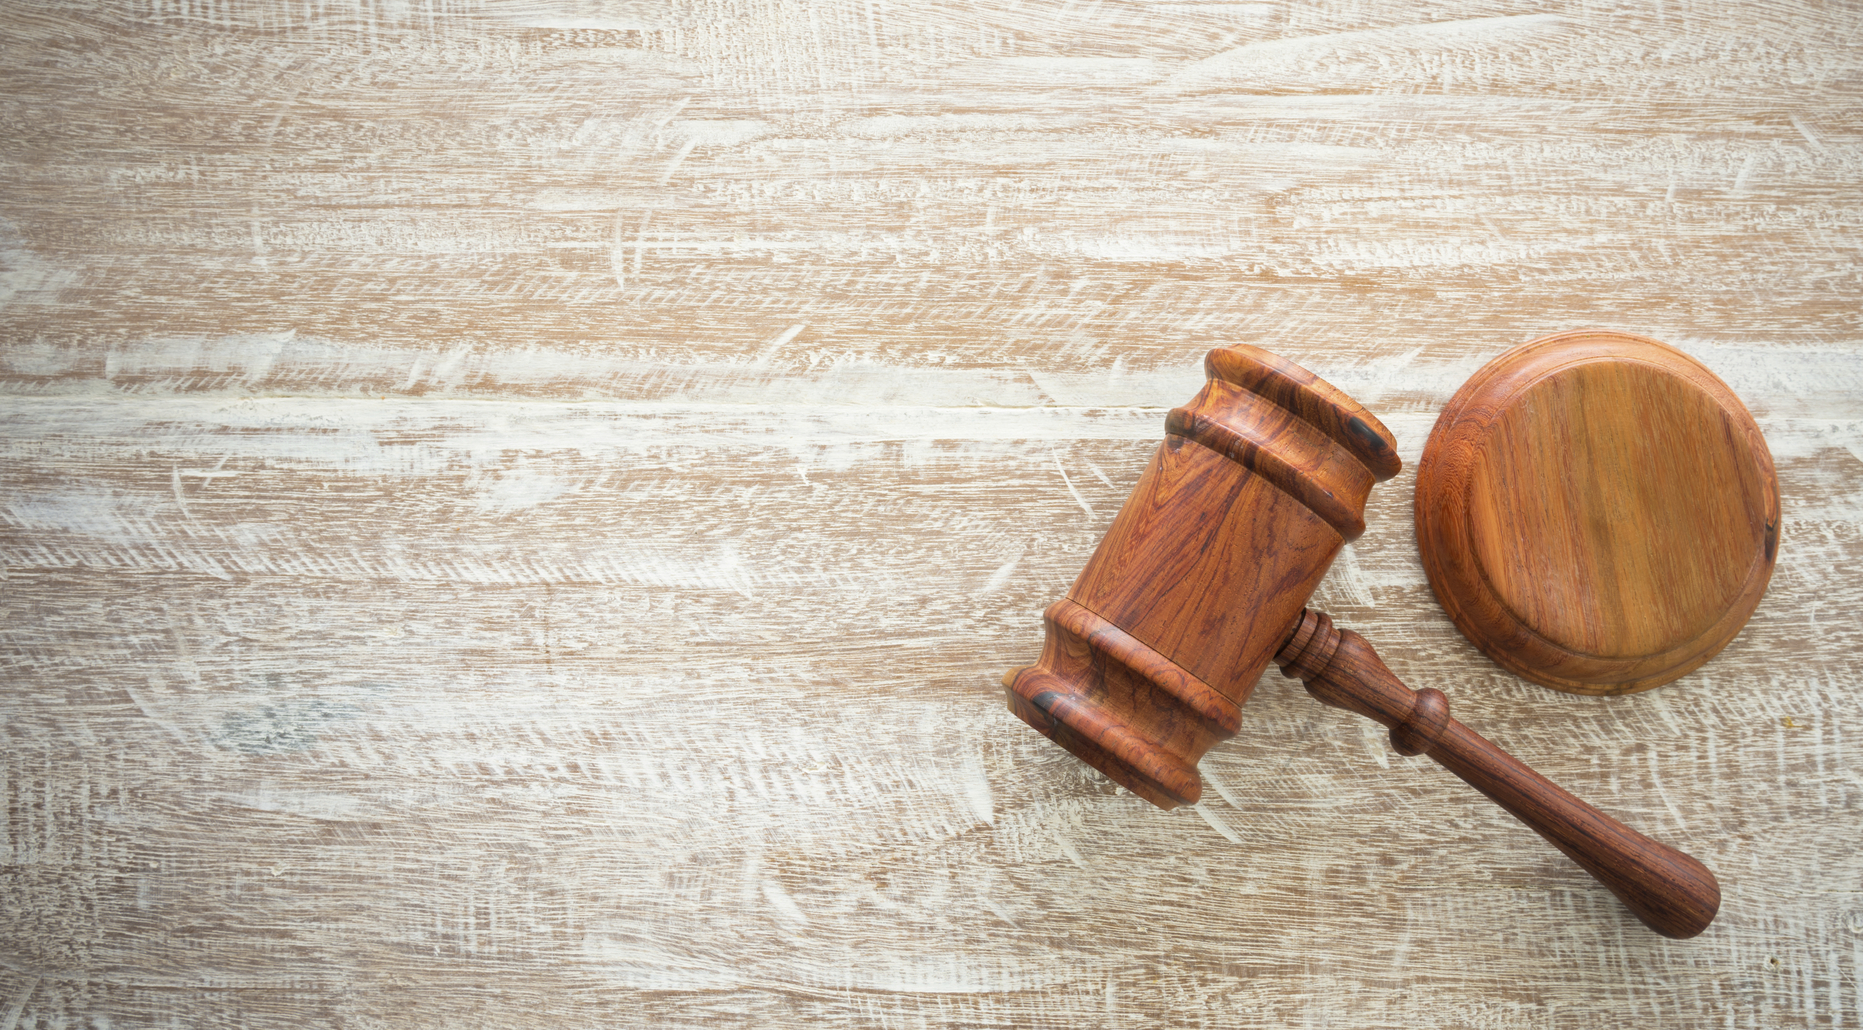 wooden judges gavel and soundboard resting on top of wooden desk.